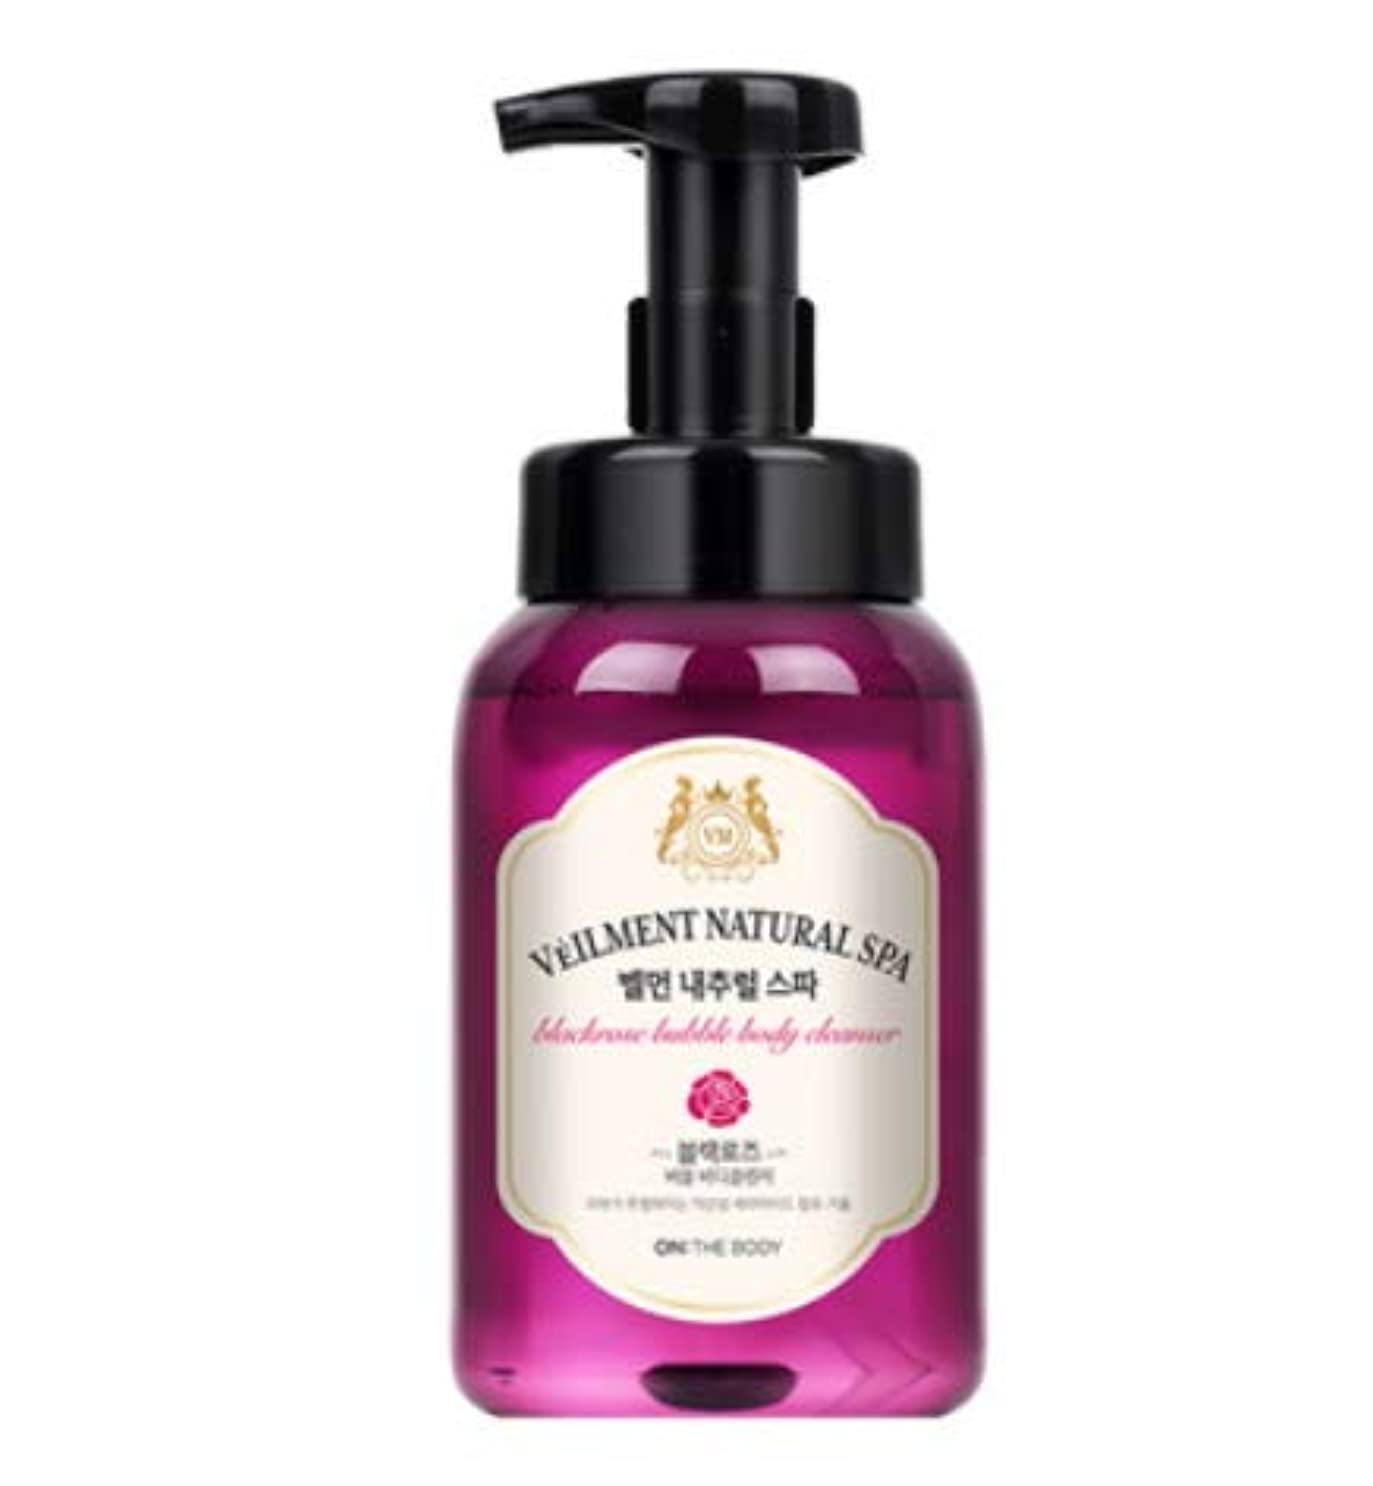 結婚クルー俳優[LG HnB] On the Body Belman Natural Spa Bubble Body Cleanser/オンザボディベルモンナチュラルスパバブルボディクレンザー 500ml x2個(海外直送品)